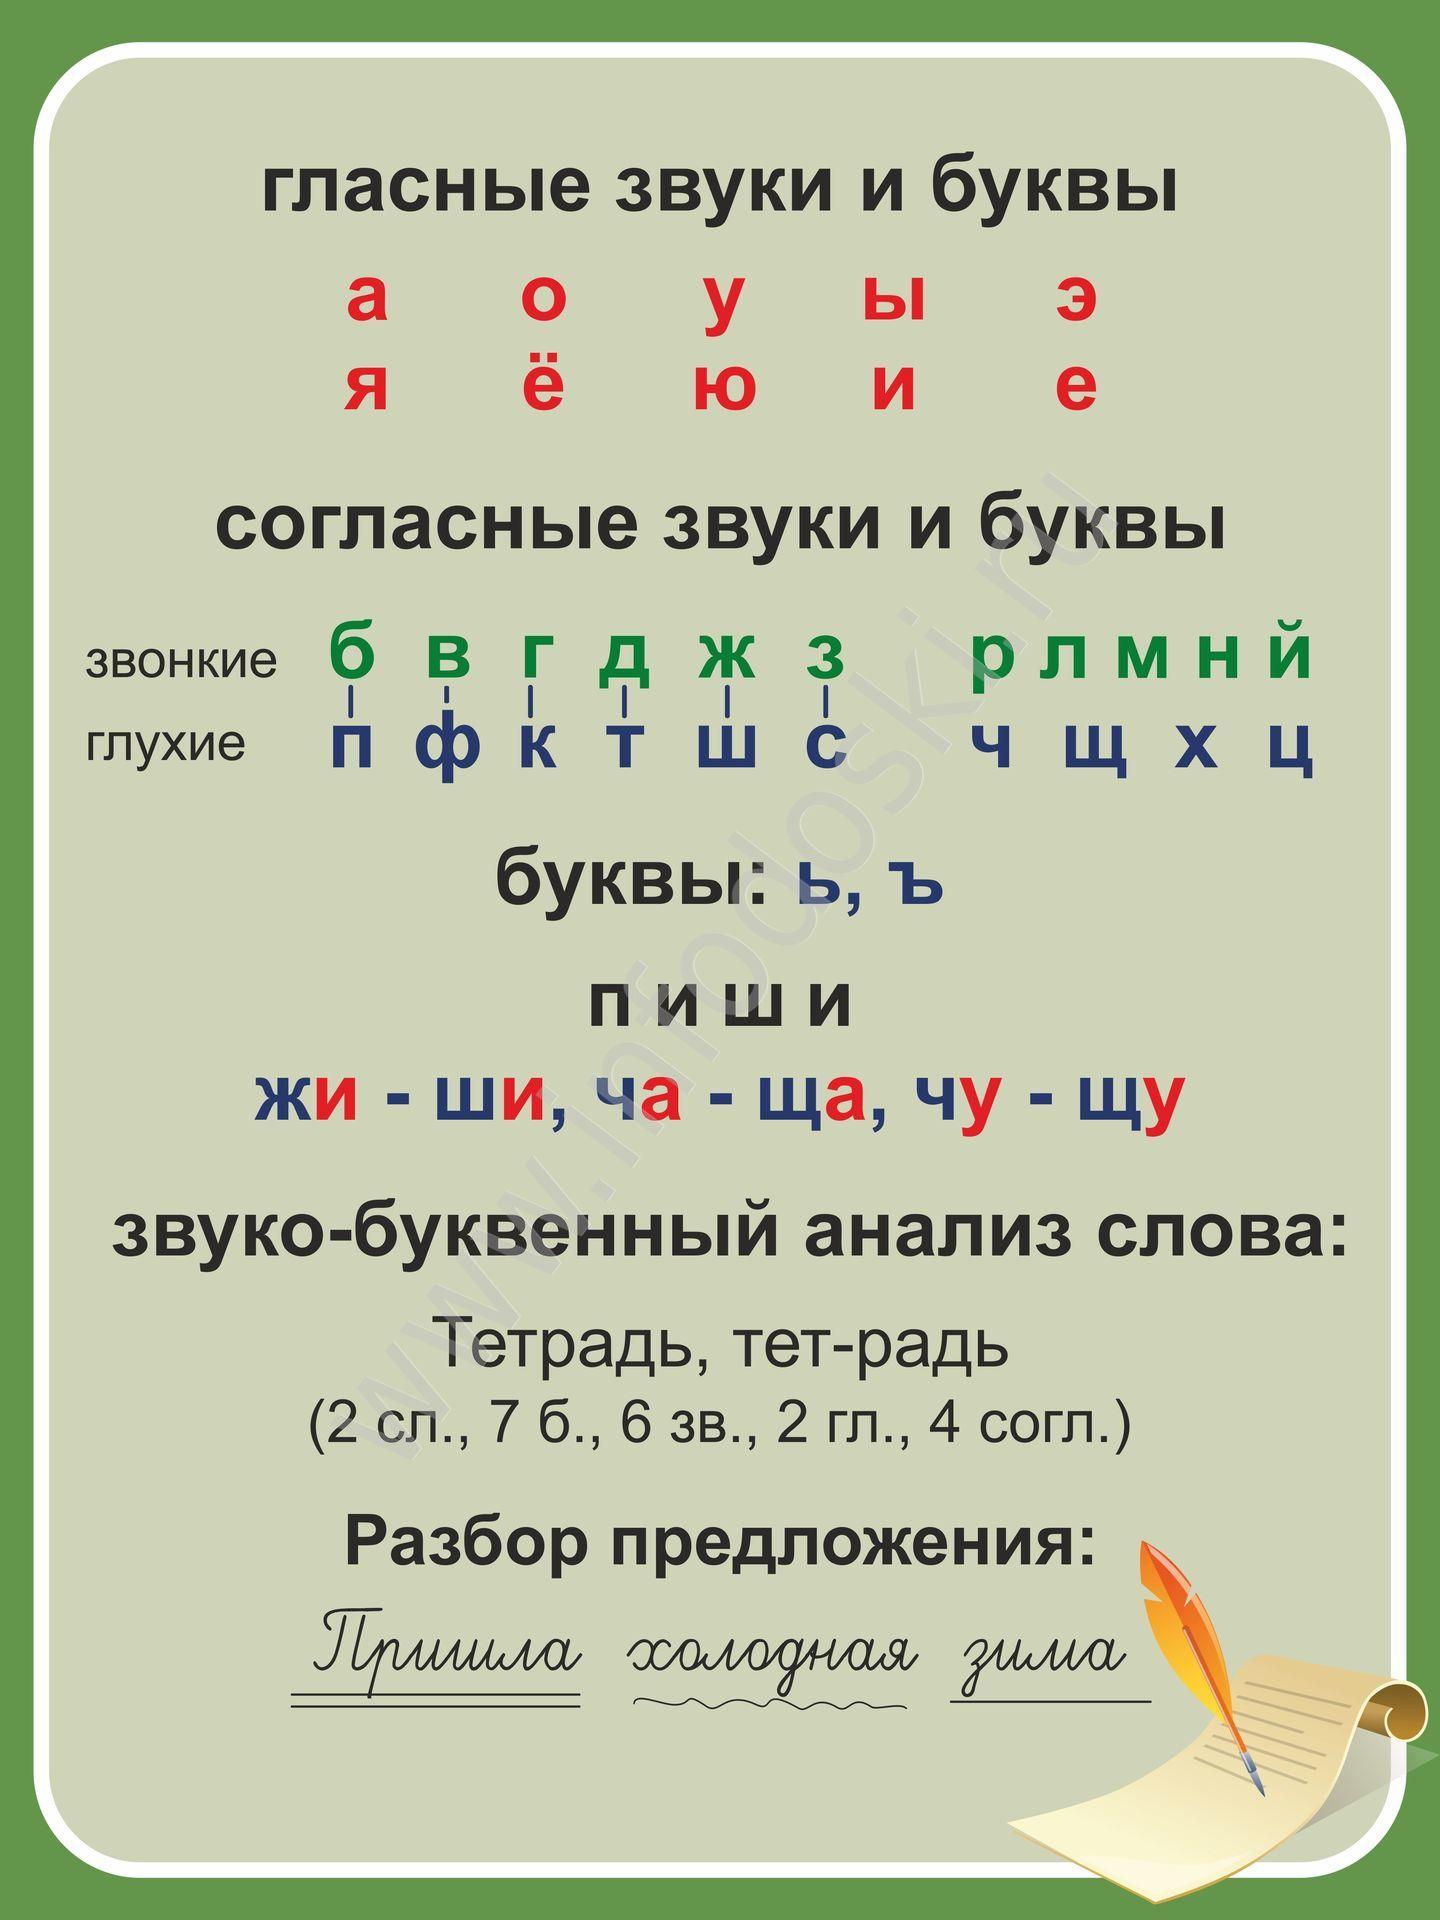 Согласные буквы и согласные звуки в русском языке